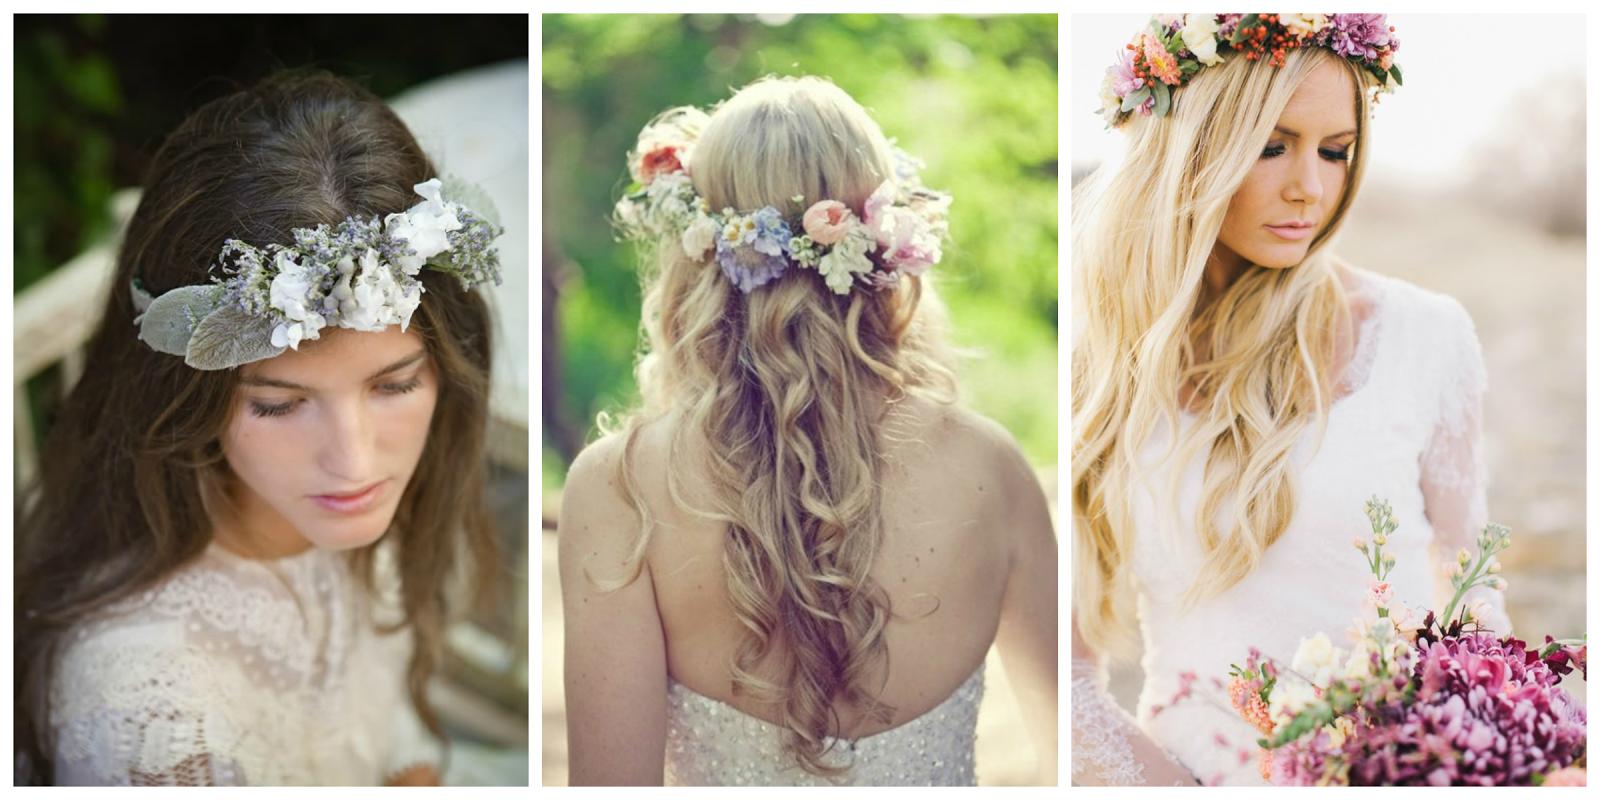 Flores Naturales Para Peinados - Adorna tu cabello y peinado con flores naturales YouTube